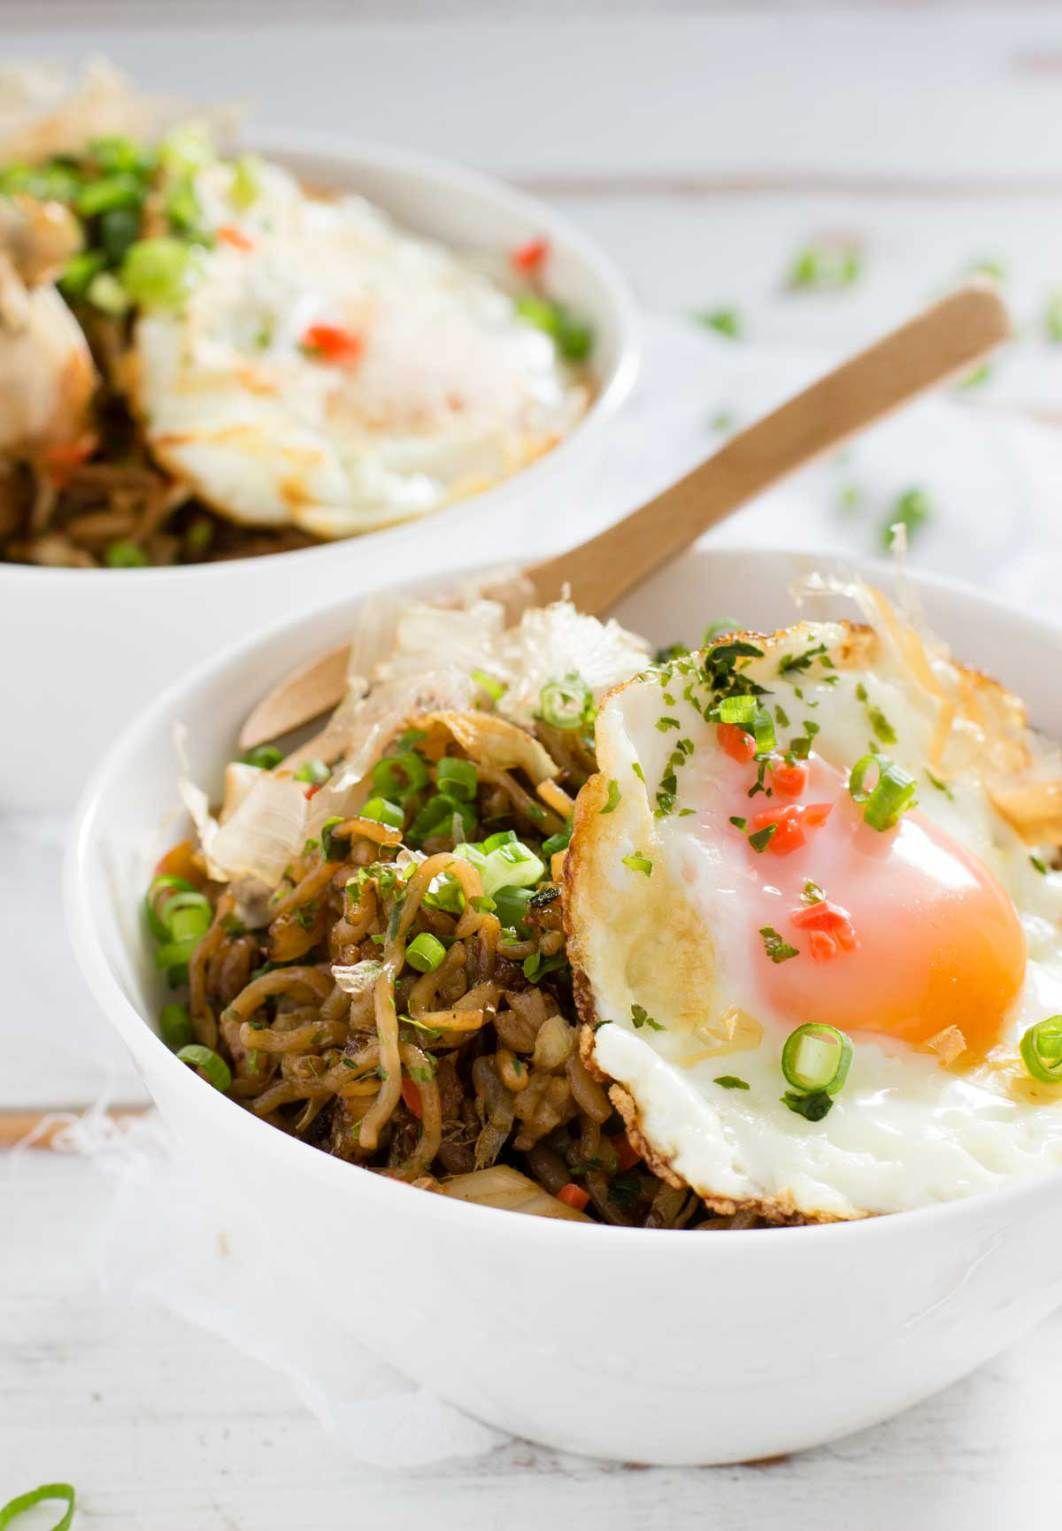 Does kale help burn belly fat